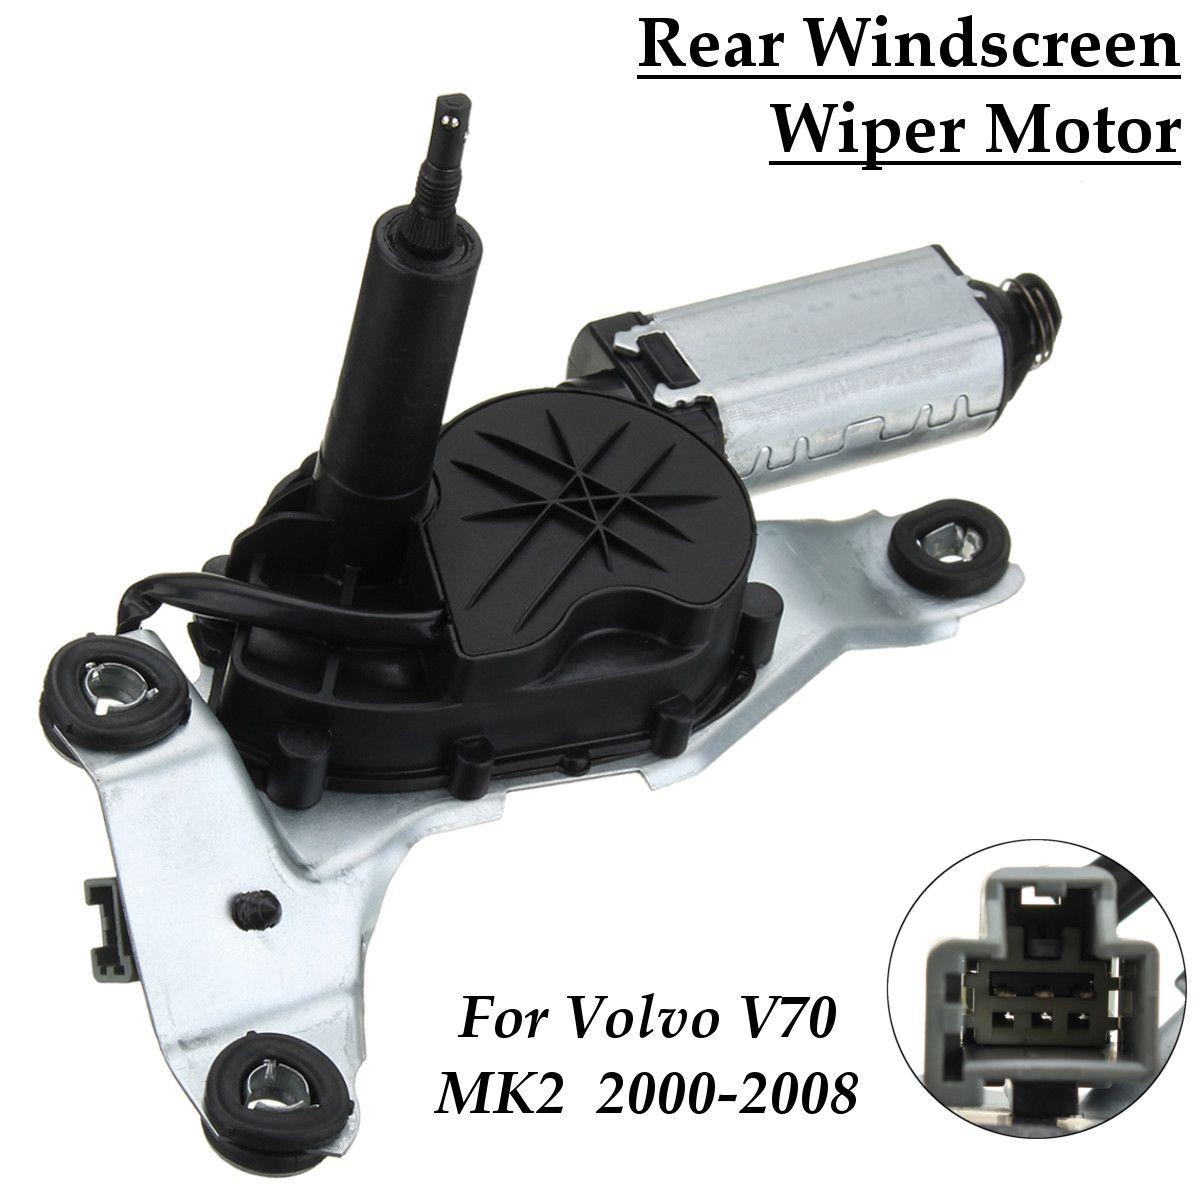 Auto Hinten Wischer Motor Windschutz Für Volvo V70 MK2 2000-2008 JET8667188 31333743 8667188